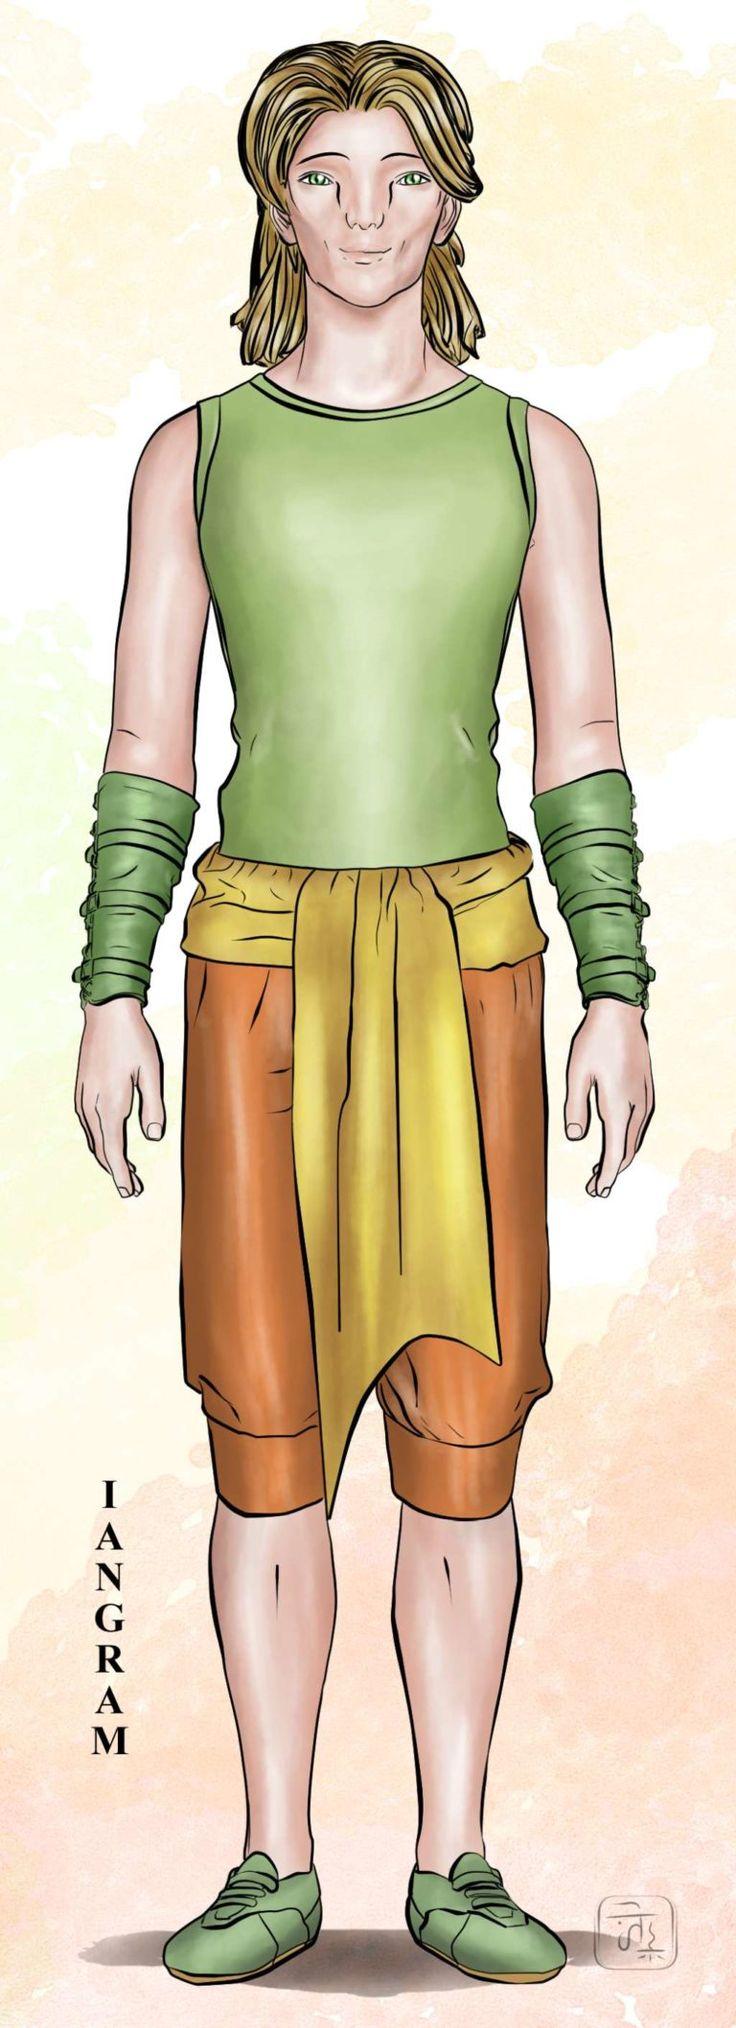 La Grande Onda -  Personaggi: Iangram Basil è un ragazzo discendente da una razza di uomini ghepardo. E' alto e magro, dal portamento nobile: la sua camminata è molto silenziosa e soave, sembra quasi non toccare terra e fa pochissimo rumore. Originario del pianeta Koda ha gli occhi verde acqua, quasi fluorescenti e la pupilla verticale. E' alto quasi due metri e mezzo, ha spalle strette ed esili e la pelle molto chiara. E' fratello di Soria. #chiaramalerba #libridifantascienza #libri #roman